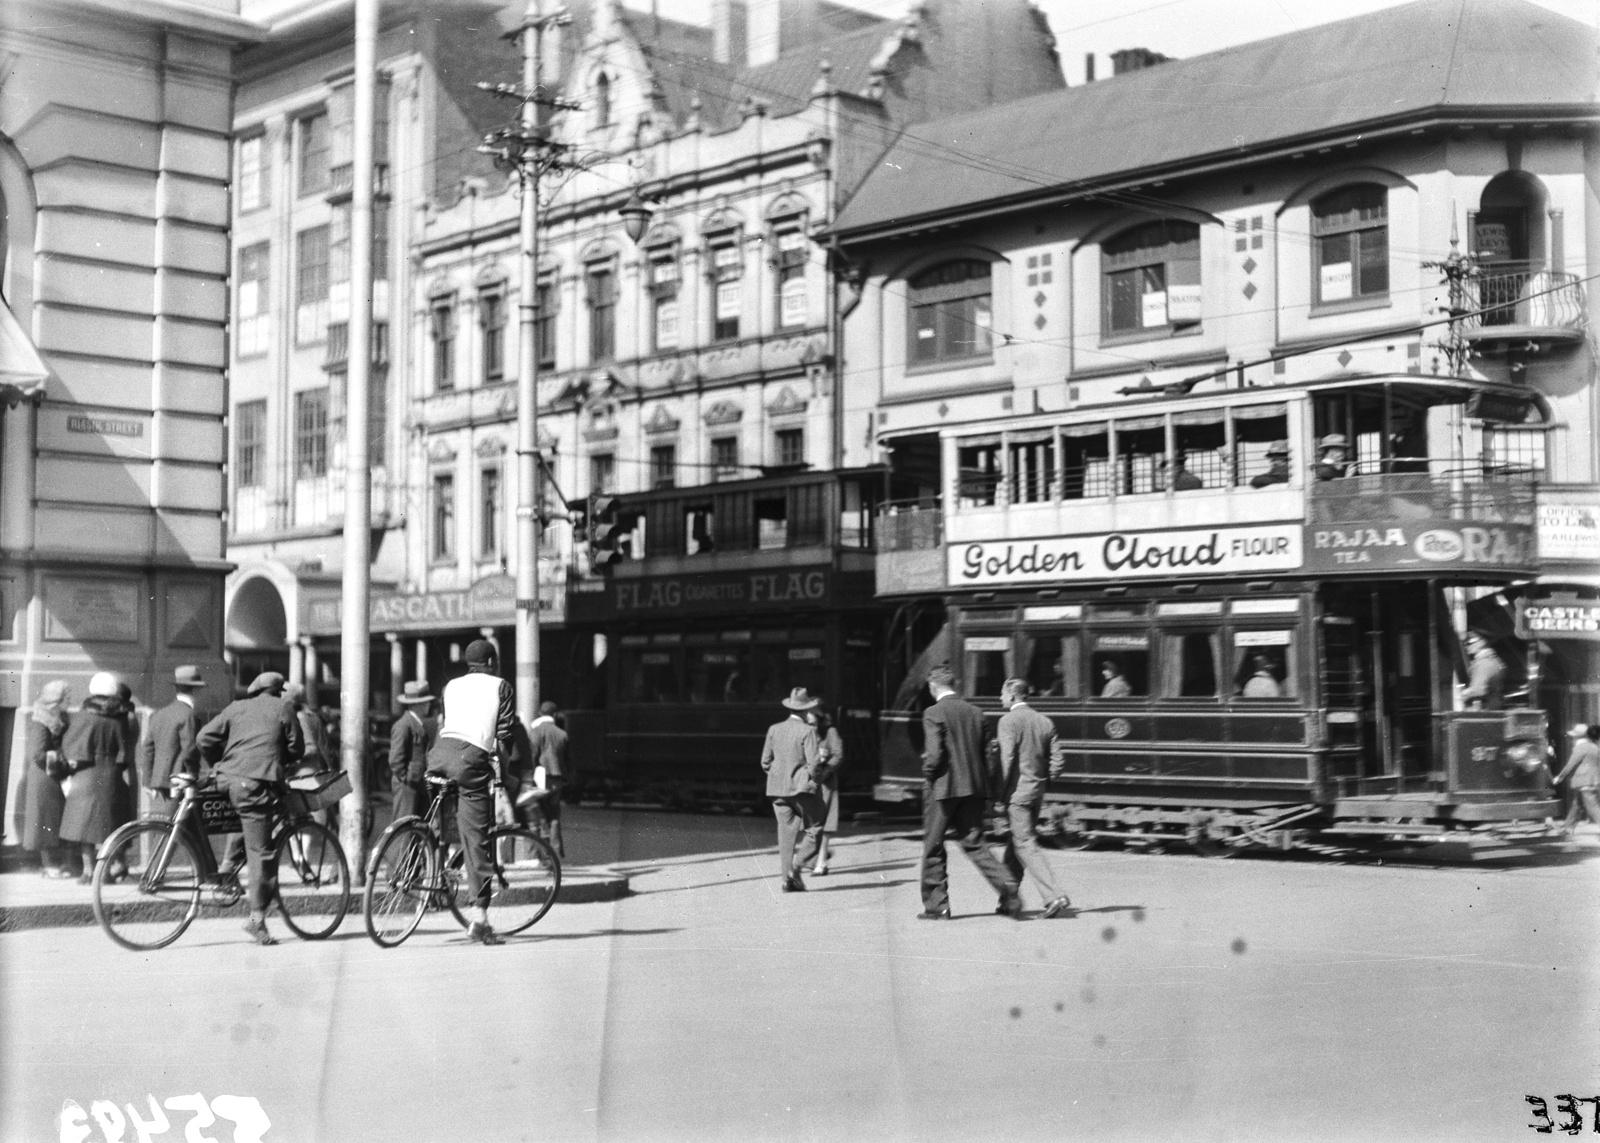 Южно-Африканский Союз. Йоханнесбург. Трамвай на оживленной улице.